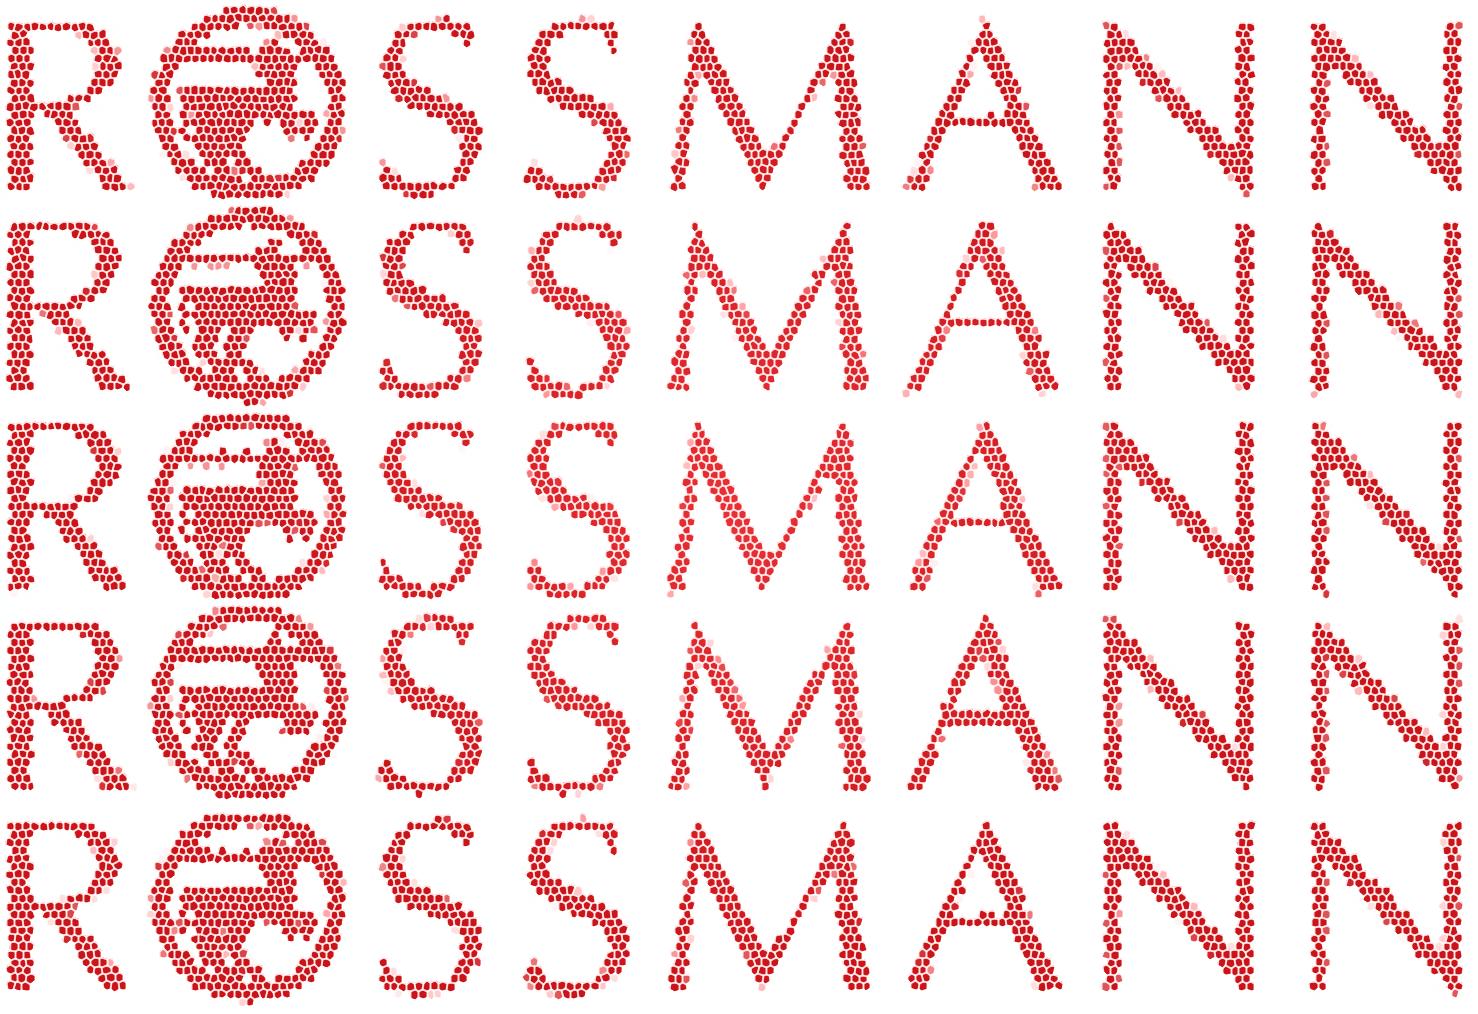 Rossmannie, Rossmannie...